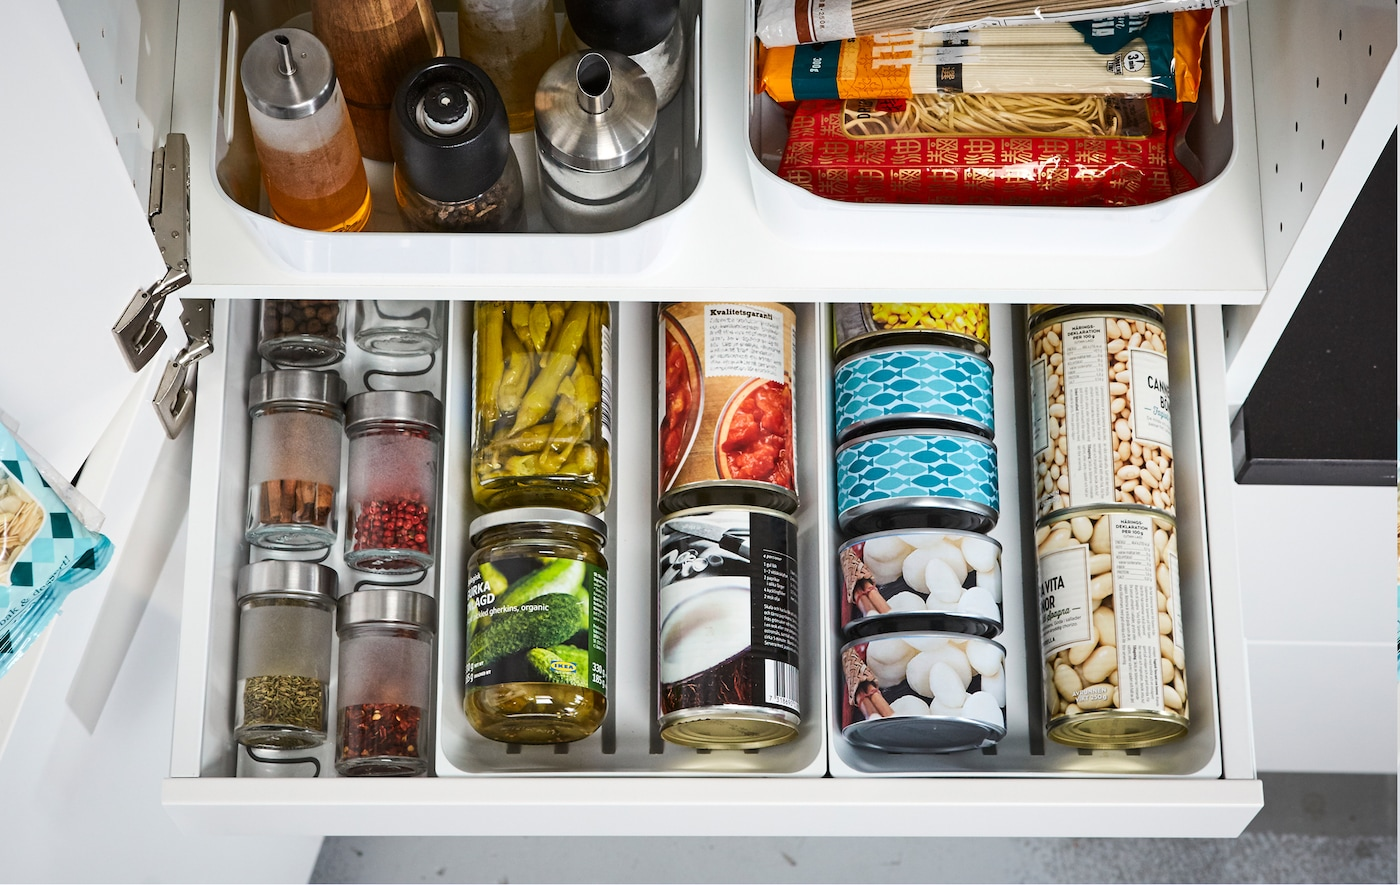 IKEA, despensa, arrumação para despensa, arrumação para cozinha, organização de cozinha, estante adicional, recipiente com tampa, ganchos autocolantes, recipientes transparentes, cestos de arrumação